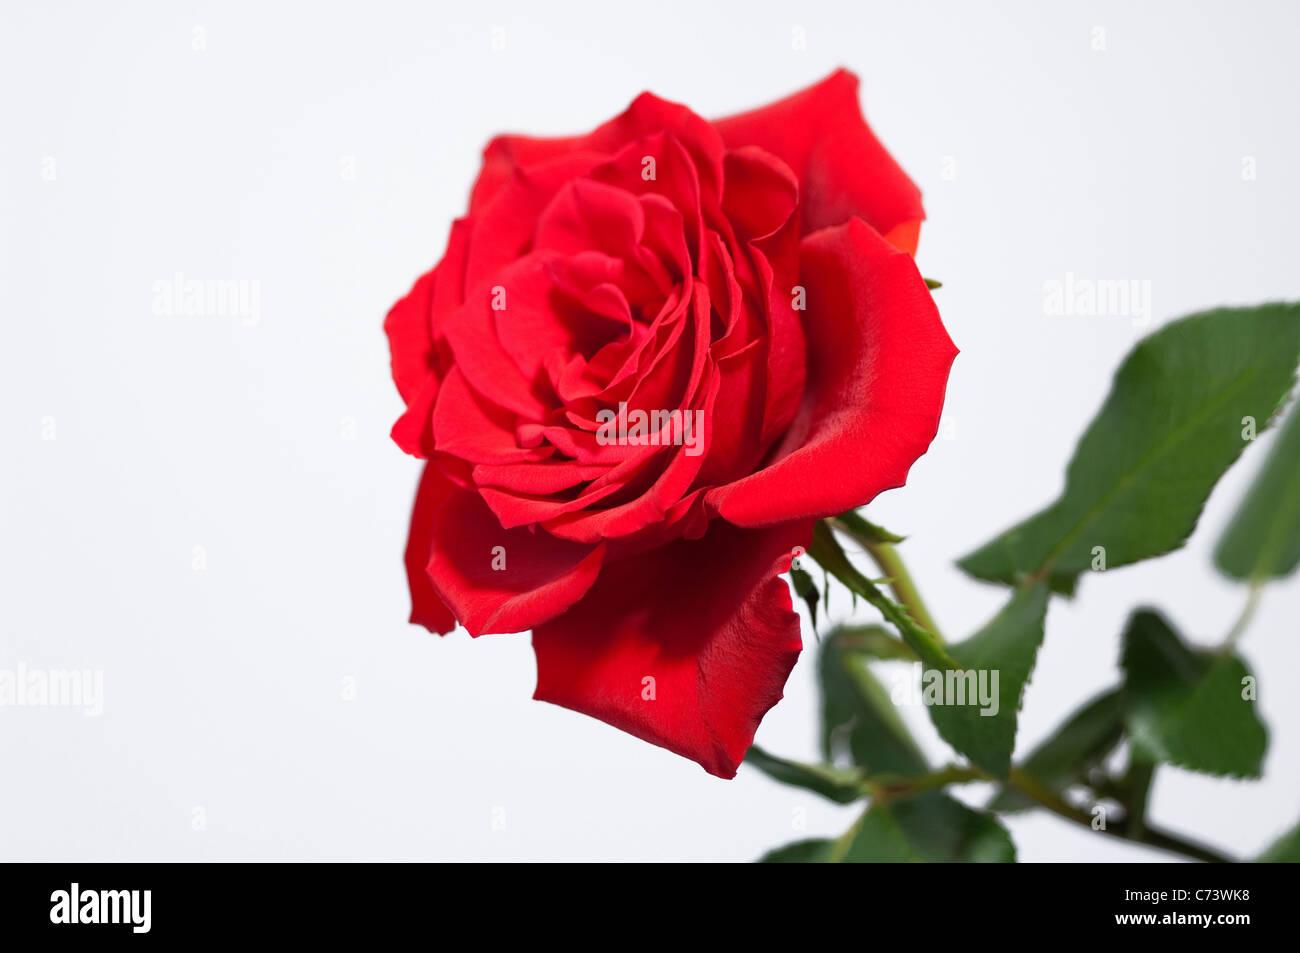 Rosa (Rosa sp.), fiore rosso. Studio Immagine contro uno sfondo bianco. Immagini Stock